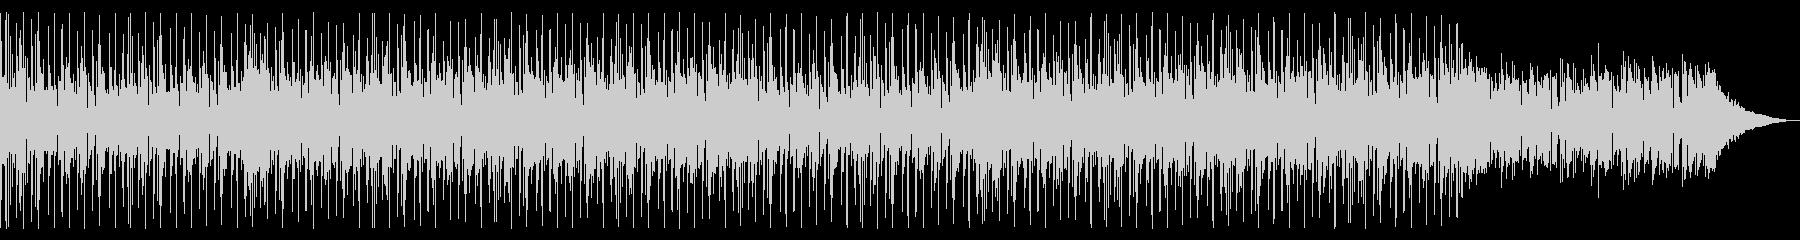 おしゃれ懐かしい80'sディスコファンクの未再生の波形